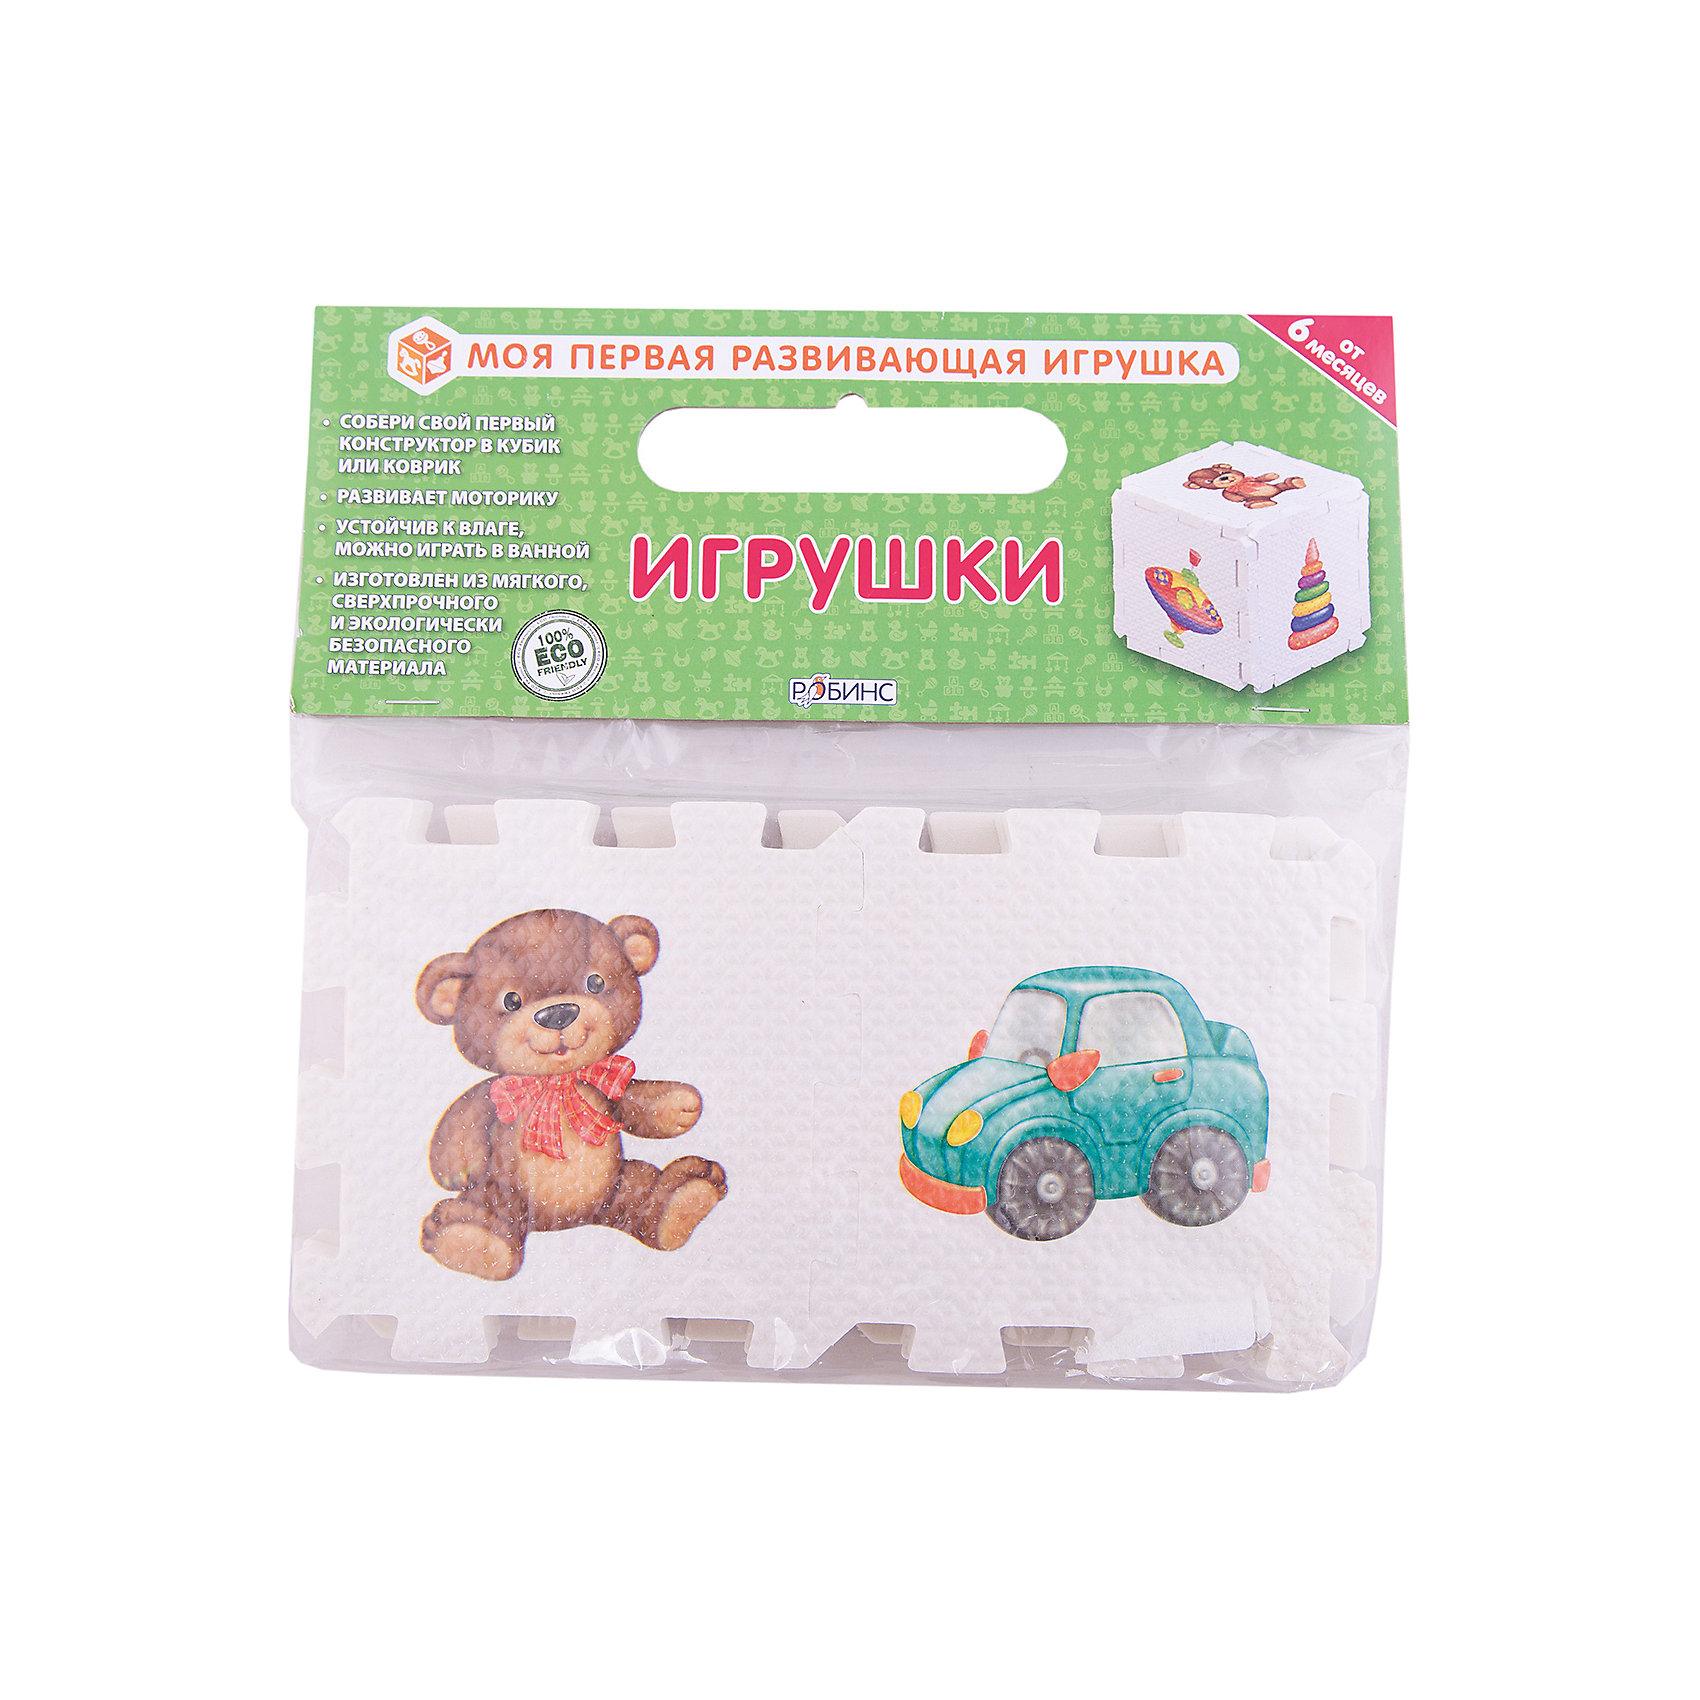 Кубик EVA ИгрушкиНабор состоит из 6 больших деталей-пазлов, которые можно собрать в объёмный кубик. Собирая кубик и играя с его деталями, малыши тренируют мелкую моторику, развивают мышление, память, внимание, а также получают навыки творческого конструирования.<br>Детали-пазлы сделаны из экологически чистого и гипоаллергенного материала ЭВА (EVA), который не имеет цвета, запаха и вкуса, а значит, идеально подходит для первых развивающих игрушек и игр.<br>Особенности пазлов ЭВА открывают дополнительные возможности для различных игровых сюжетов:<br>- детали-пазлы можно грызть, мять, гнуть, сжимать и мочить, и при этом они не испортятся; <br>- с набором можно играть в воде, детали плавают и легко крепятся к кафелю и стенкам ванны; <br>- уникальная технология печати картинок на пазлах передаёт все оттенки цветов, и дети быстрее учатся узнавать нарисованные на них предметы в окружающем мире; <br>- набор идеально подходит для развития детской моторики, сенсорики, навыков конструирования; <br>- детали-пазлы из разных наборов подходят к друг другу, вы легко можете комбинировать разные наборы.<br><br>Дополнительная информация:<br><br>- Материал: ЭВА.<br>- Размер: 25,5х24 см. <br>- Толщина детали-пазла: 3 см. <br>- Комплектация: 6 деталей.<br>- Детали-пазлы подходят к другим наборам. <br>- Используются стойкие гипоаллергенный красители.<br>- Подходит для игр в воде. <br><br>Кубик EVA - сортер Игрушки можно купить в нашем магазине.<br><br>Ширина мм: 255<br>Глубина мм: 240<br>Высота мм: 10<br>Вес г: 72<br>Возраст от месяцев: 12<br>Возраст до месяцев: 36<br>Пол: Унисекс<br>Возраст: Детский<br>SKU: 4545588